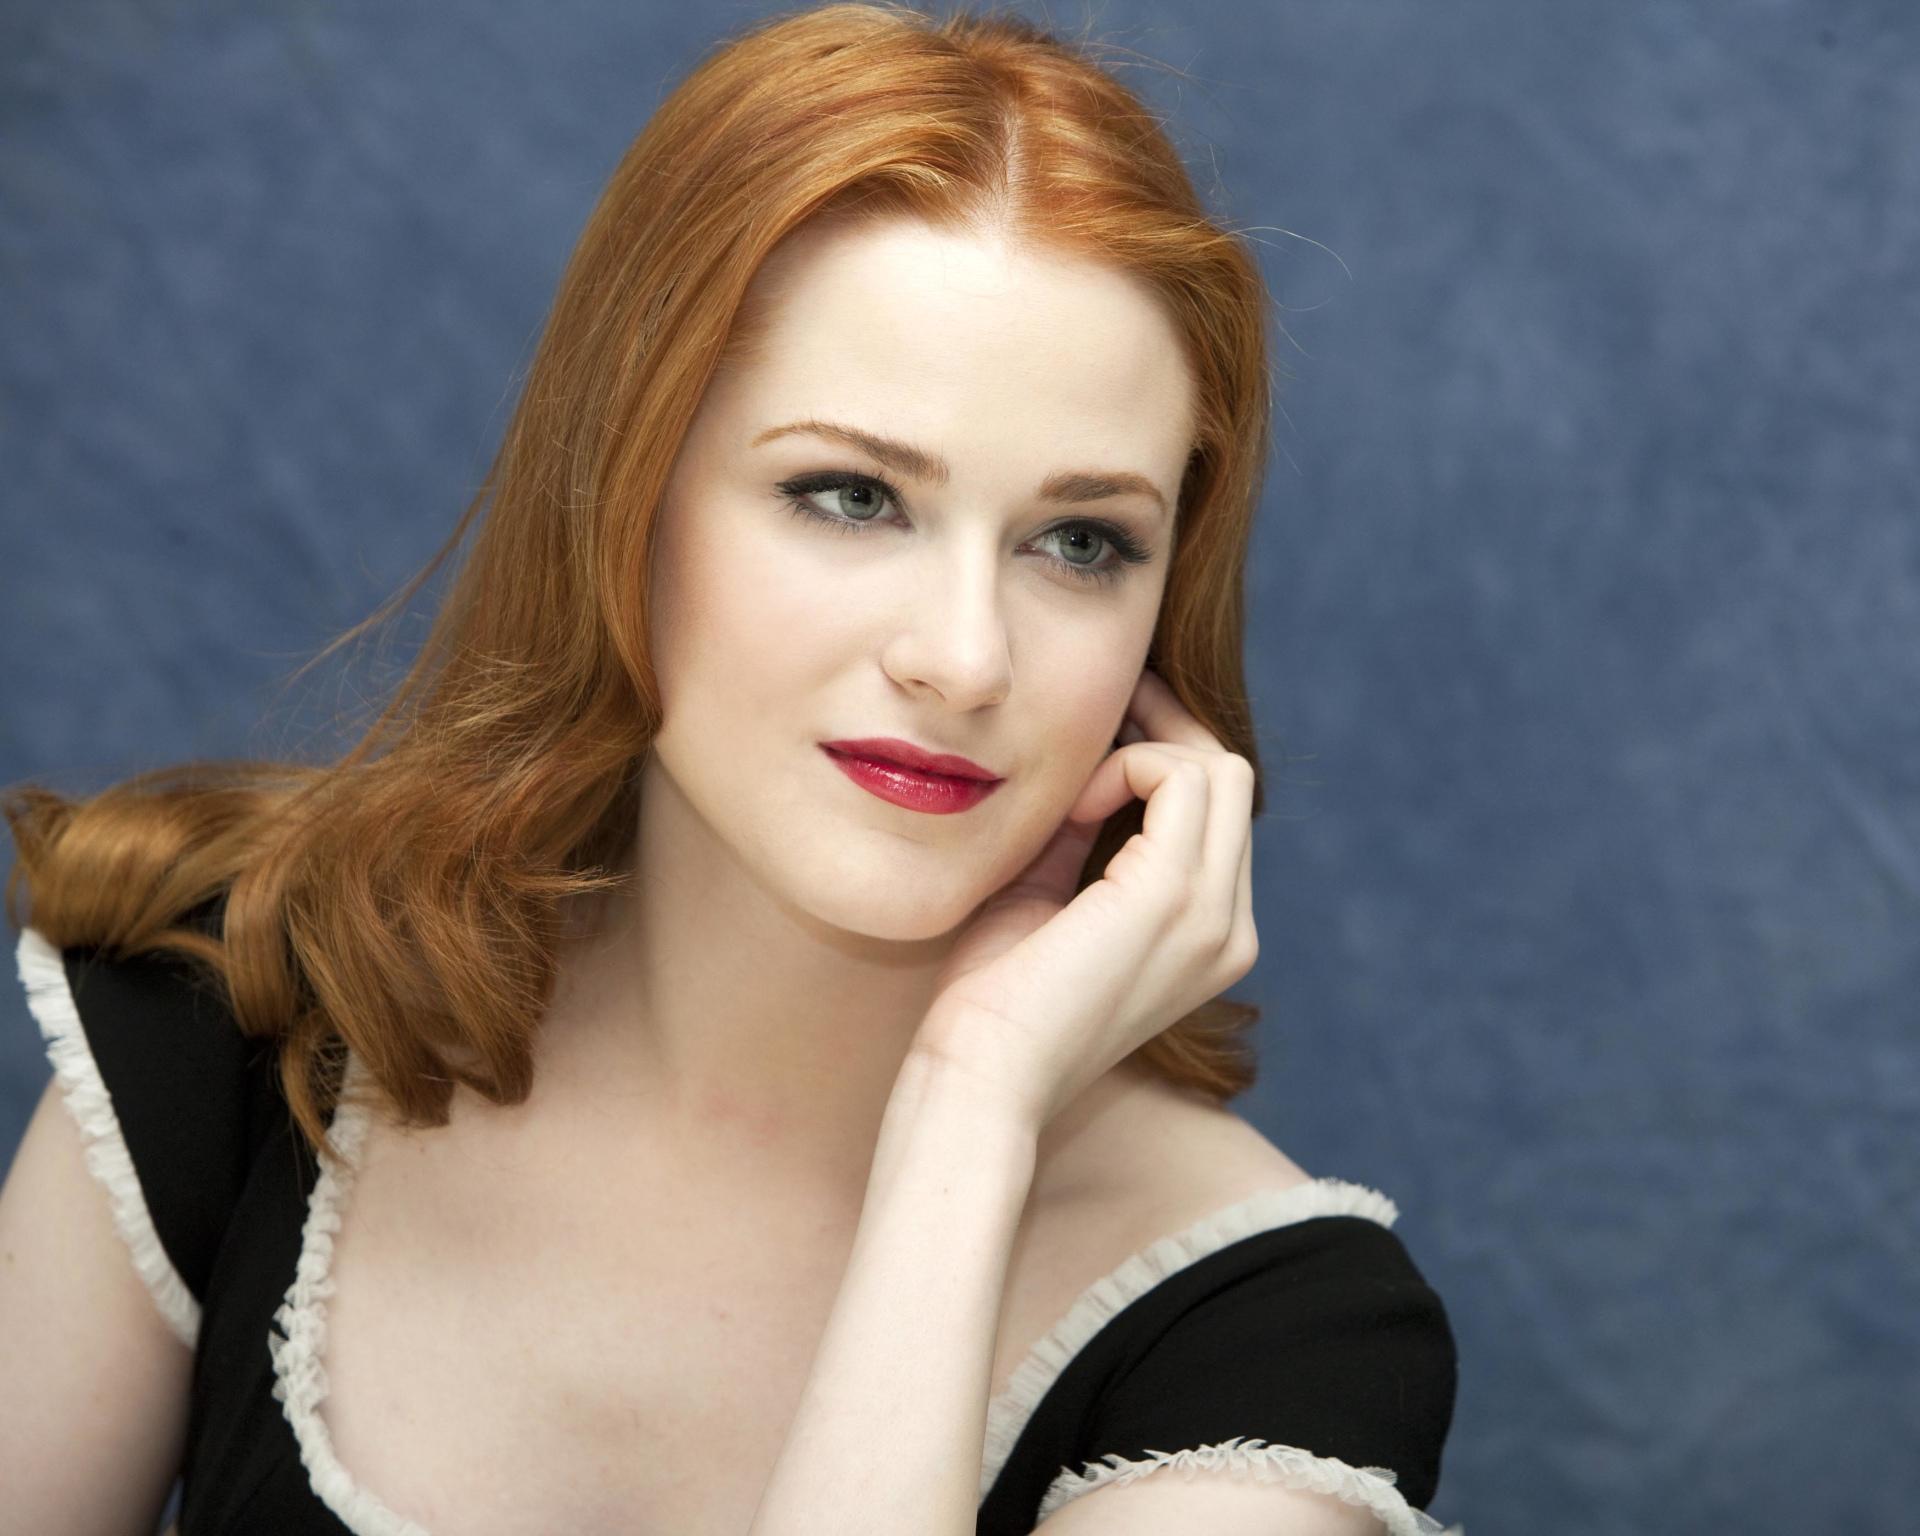 Una mujer hermosa beautiful women - 4 8